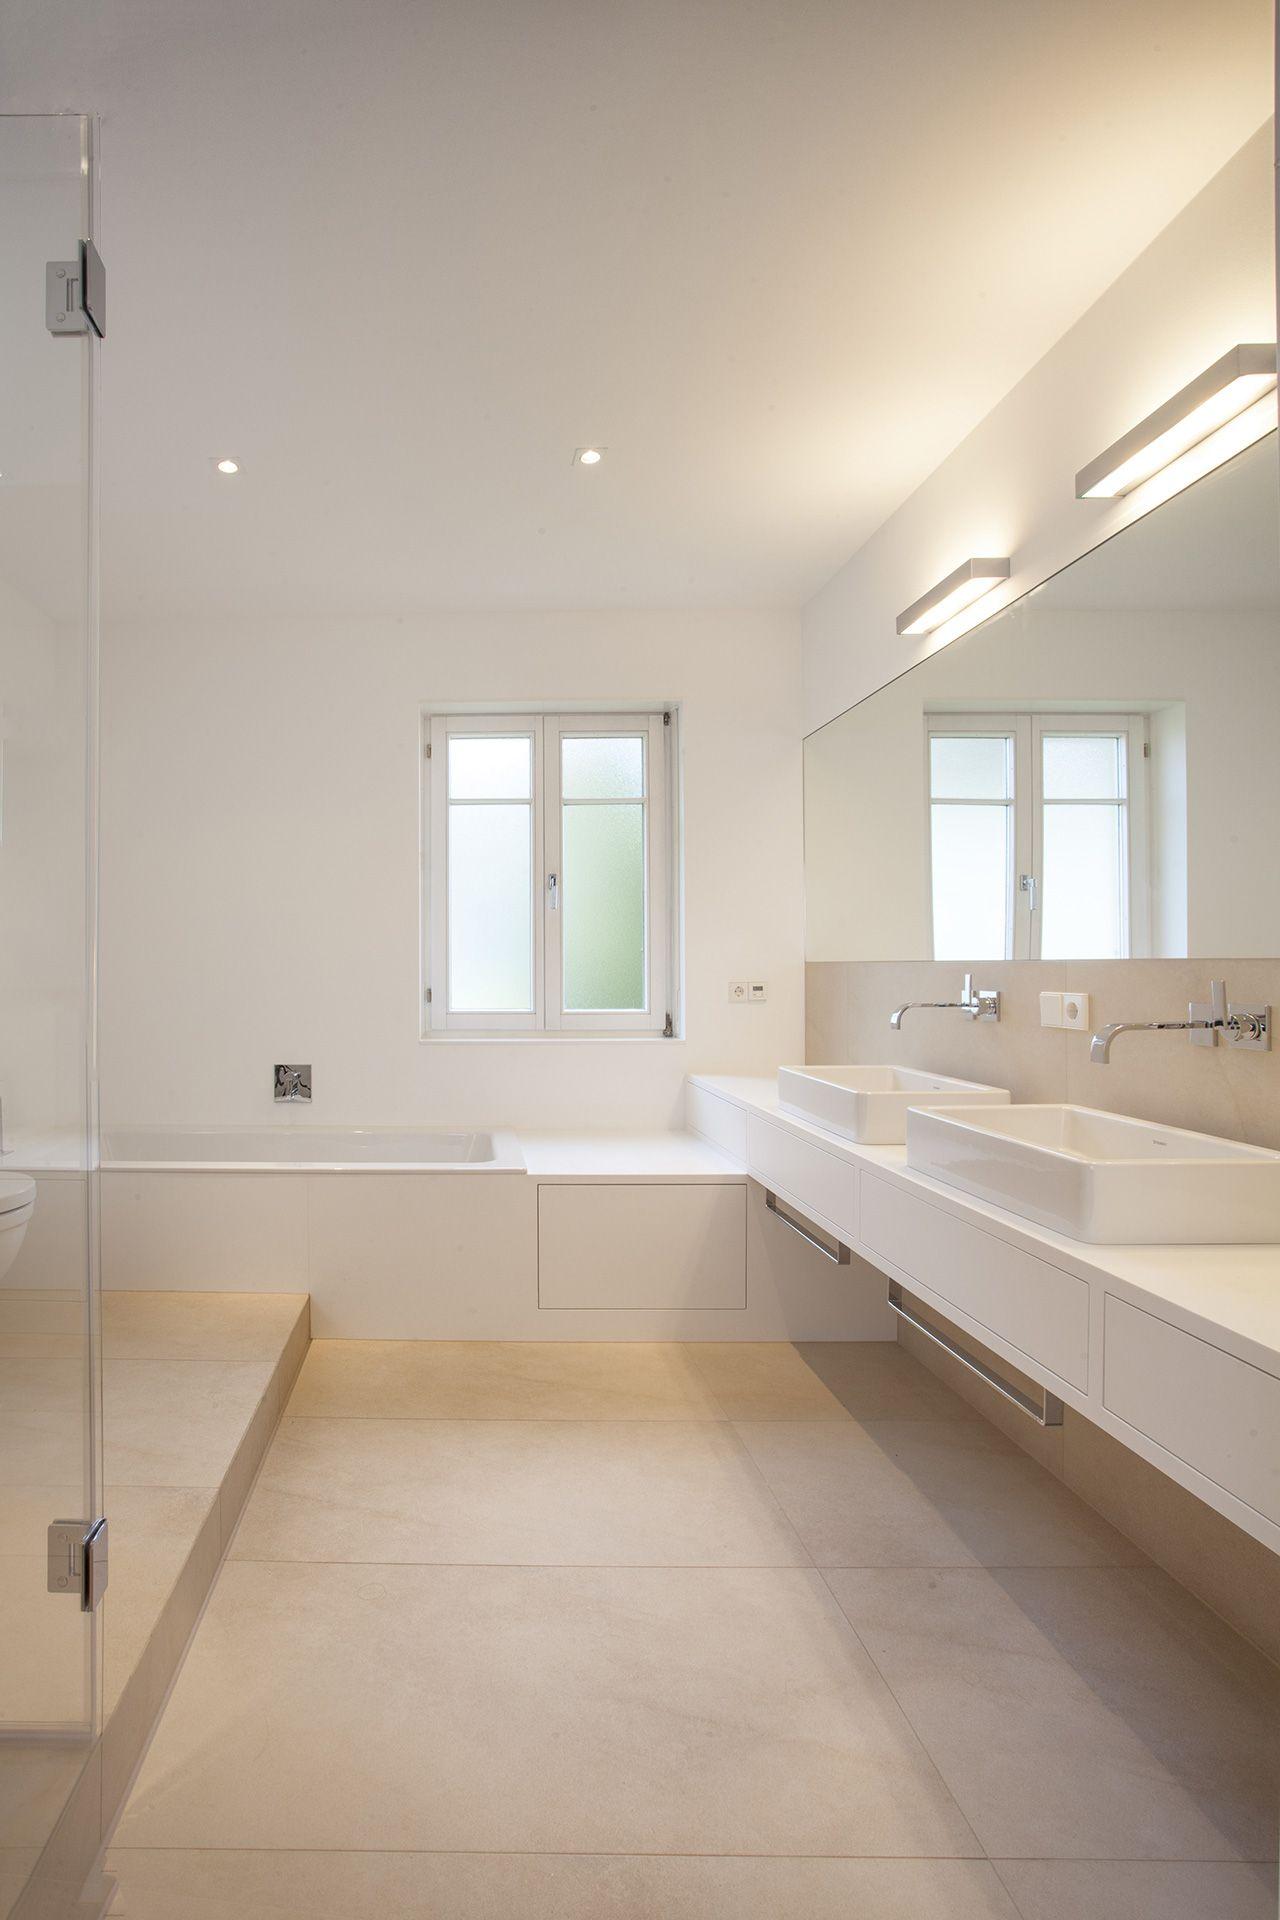 MTB-Badmöbel in Mineralwerkstoff weiss  Badezimmer, Badezimmer